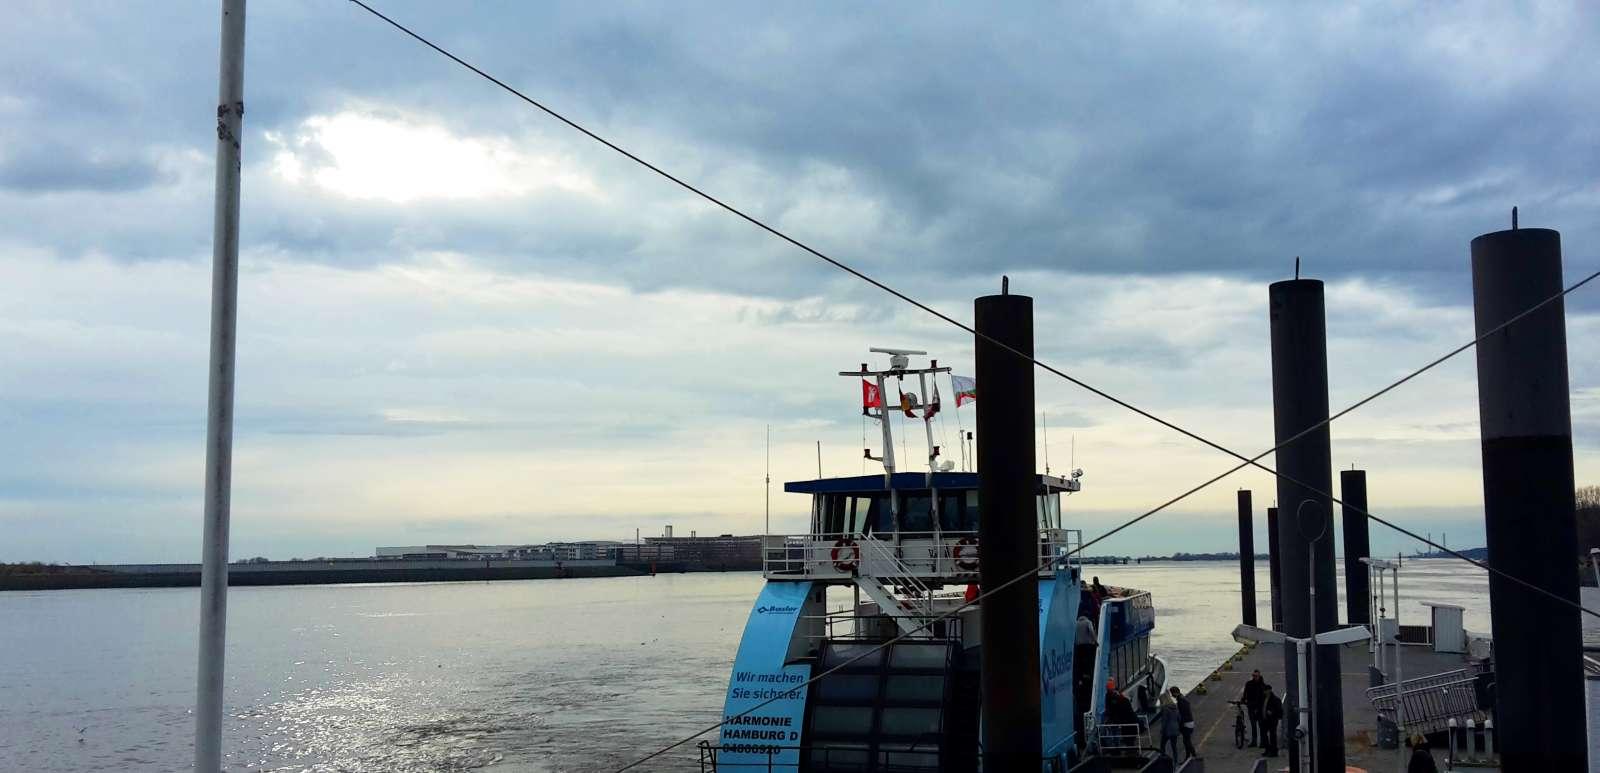 Preiswerte Hafenrundfahrt mit den HVV-Fähren